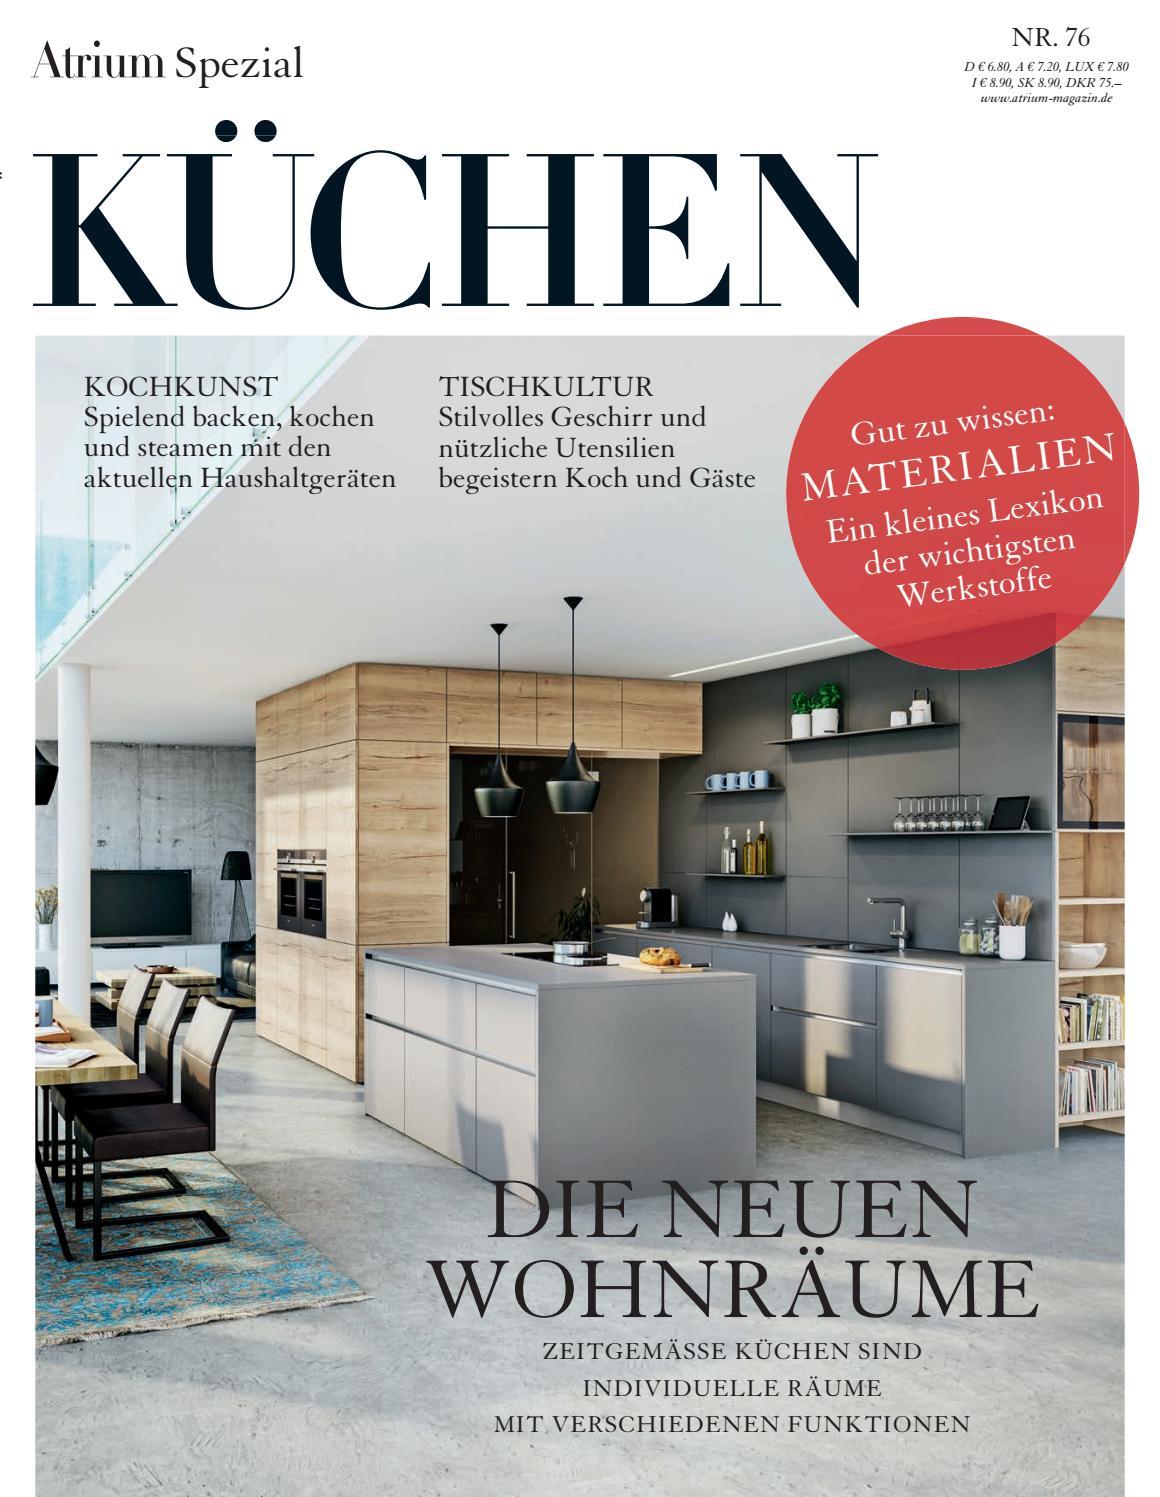 Atrium Spezial U2013 Küchen 2016/17 By Archithema Verlag   Issuu